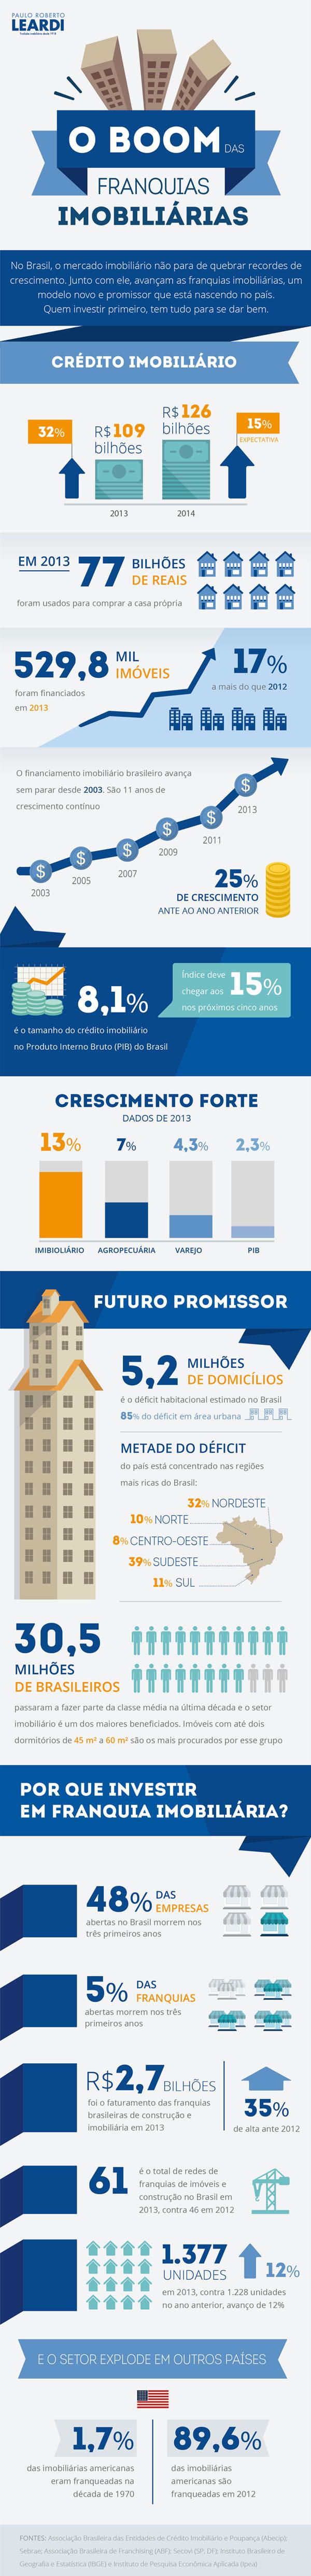 Infografico_Leardi_03